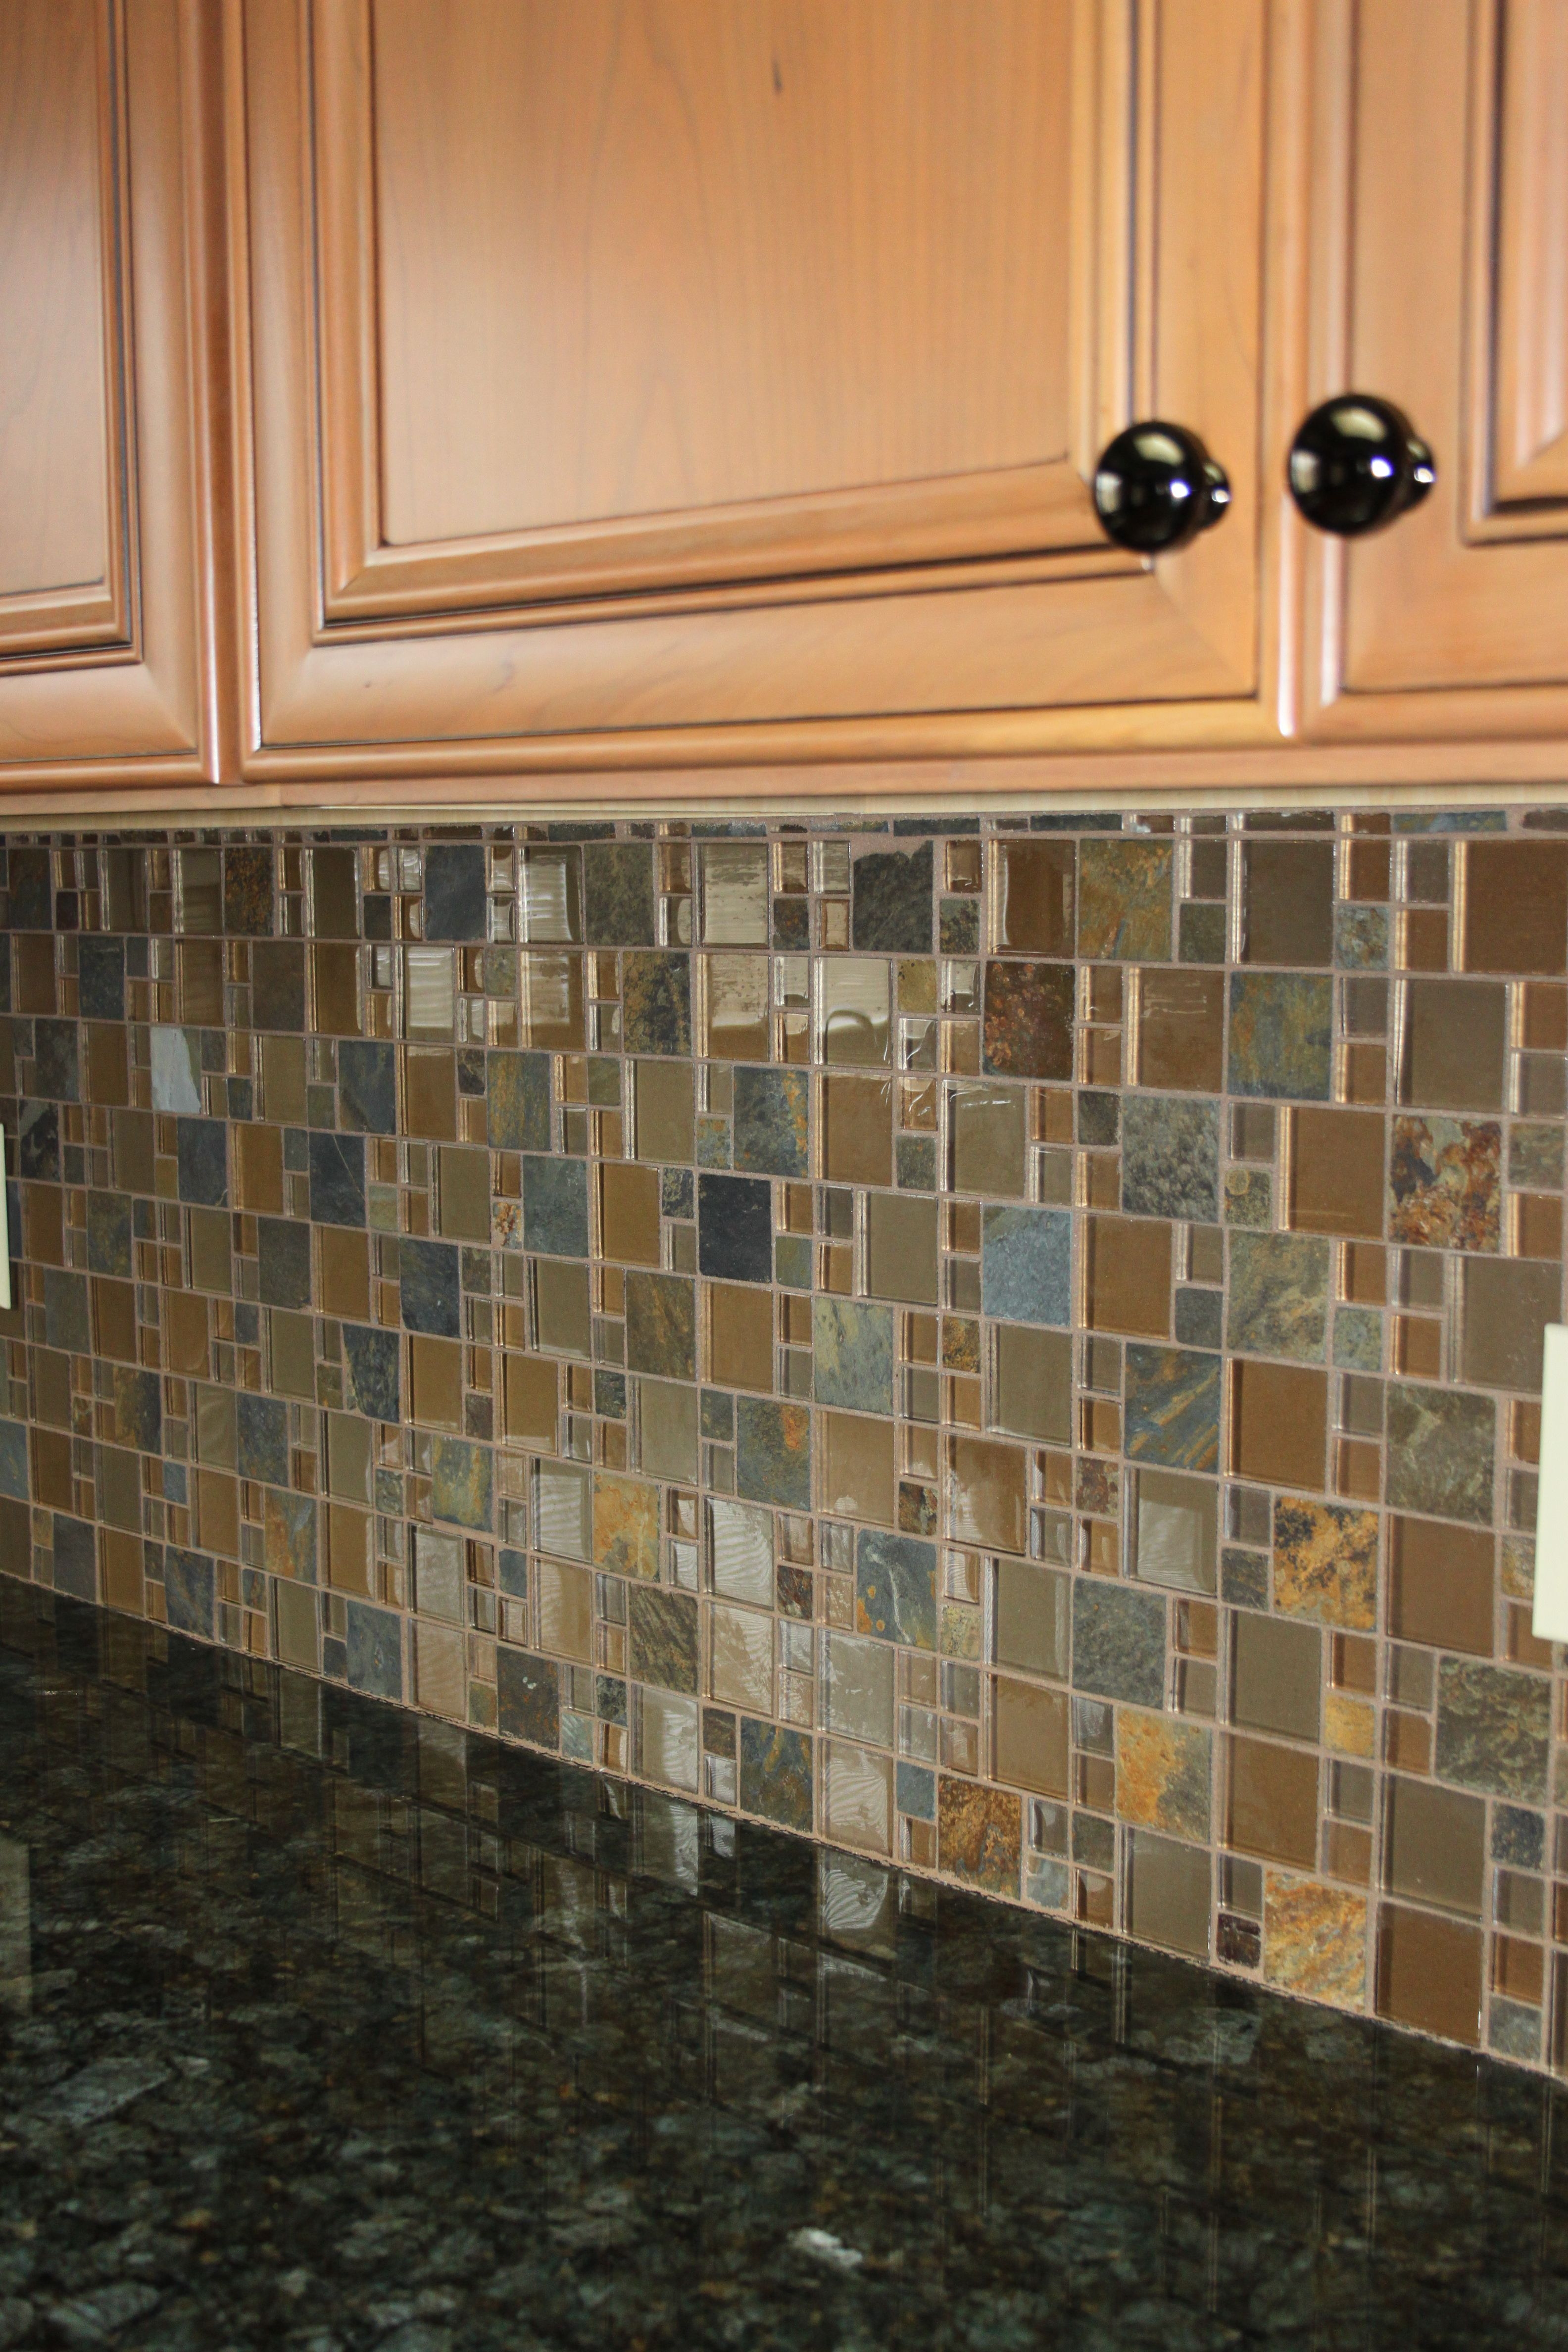 Verde peacock granite with backsplash visit the image link for